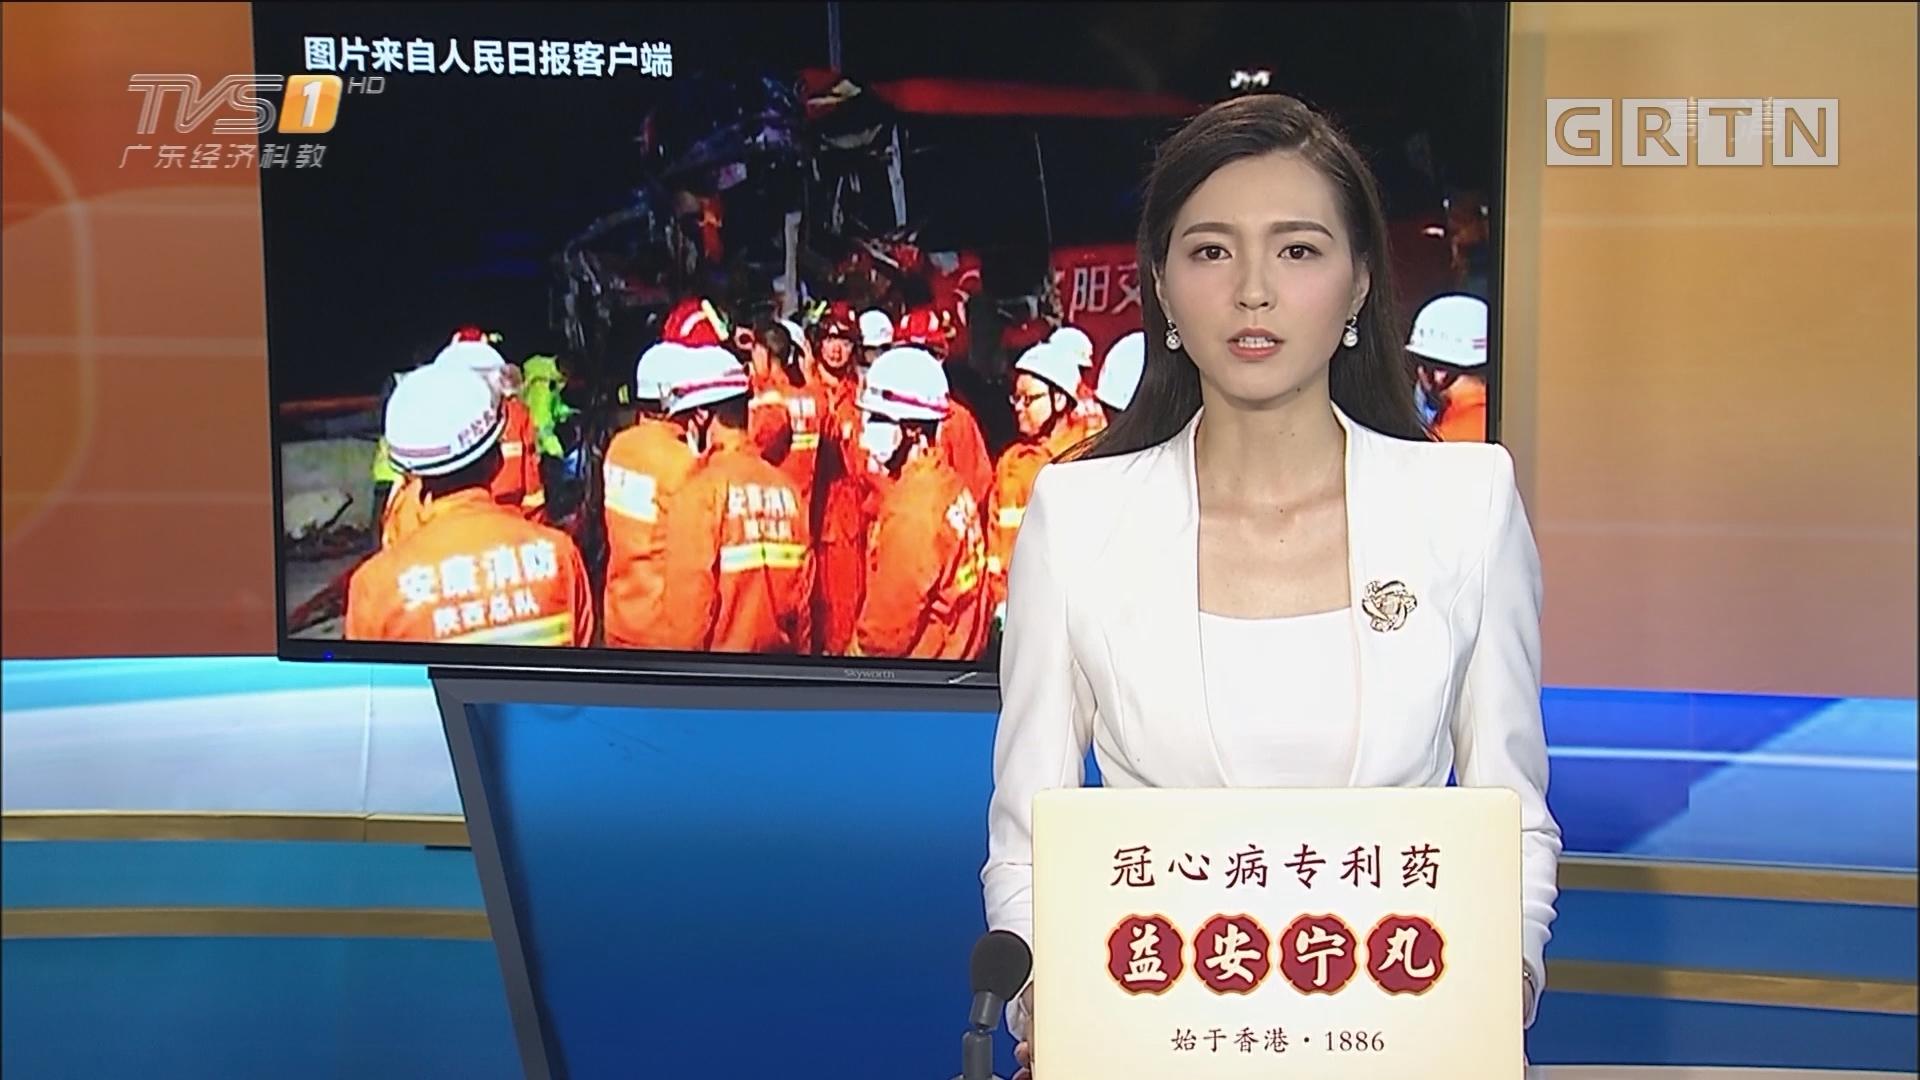 京昆高速陕西安康段发生重大交通事故 造成36人死亡13人受伤